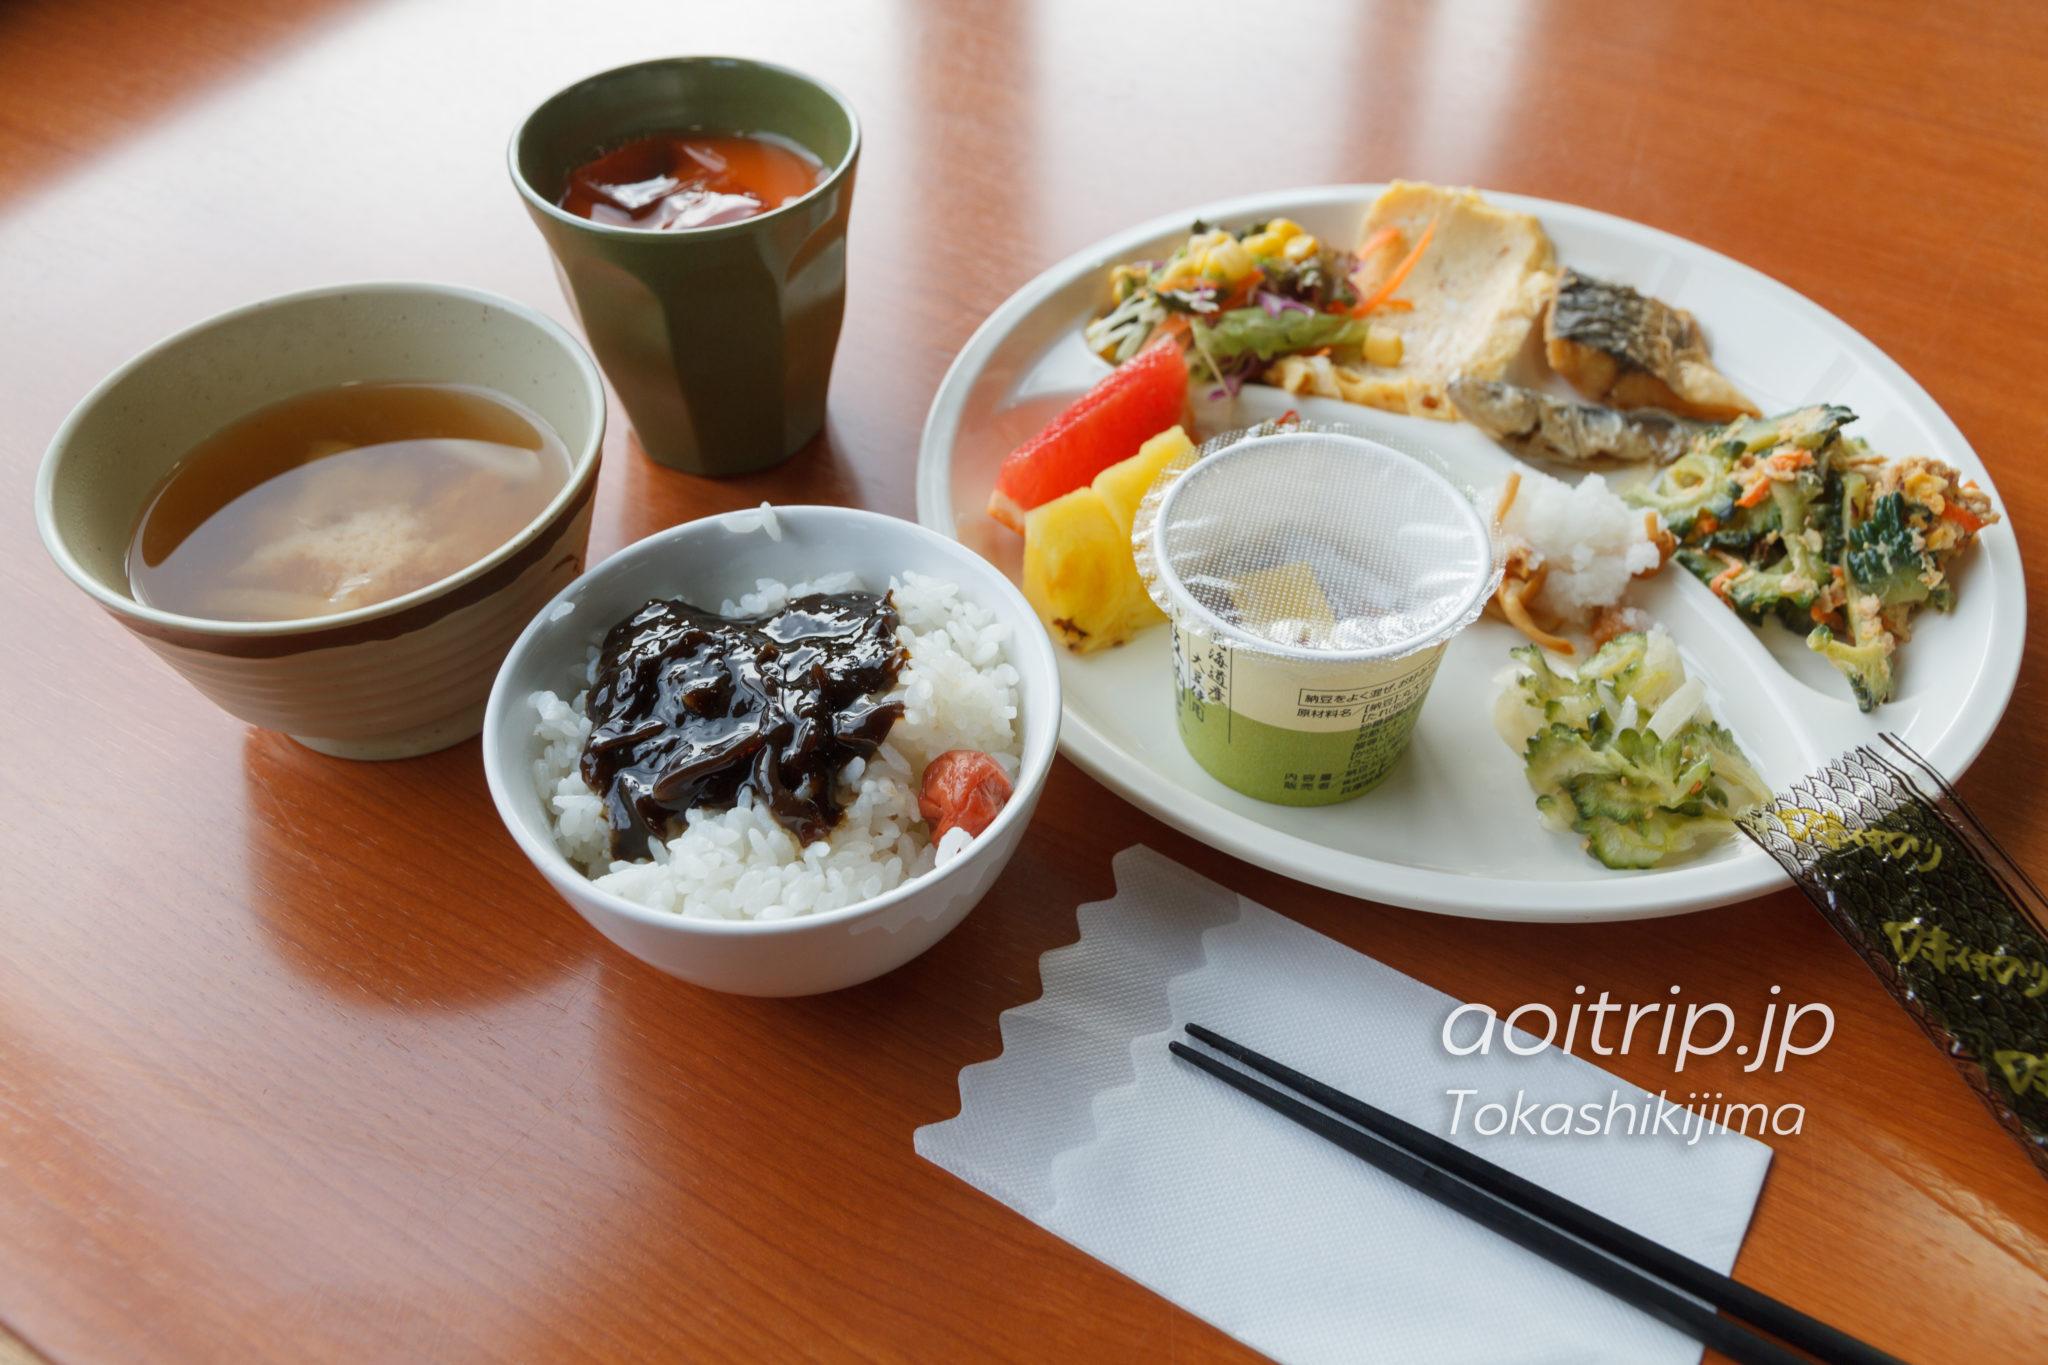 渡嘉敷島シーフレンドの朝食